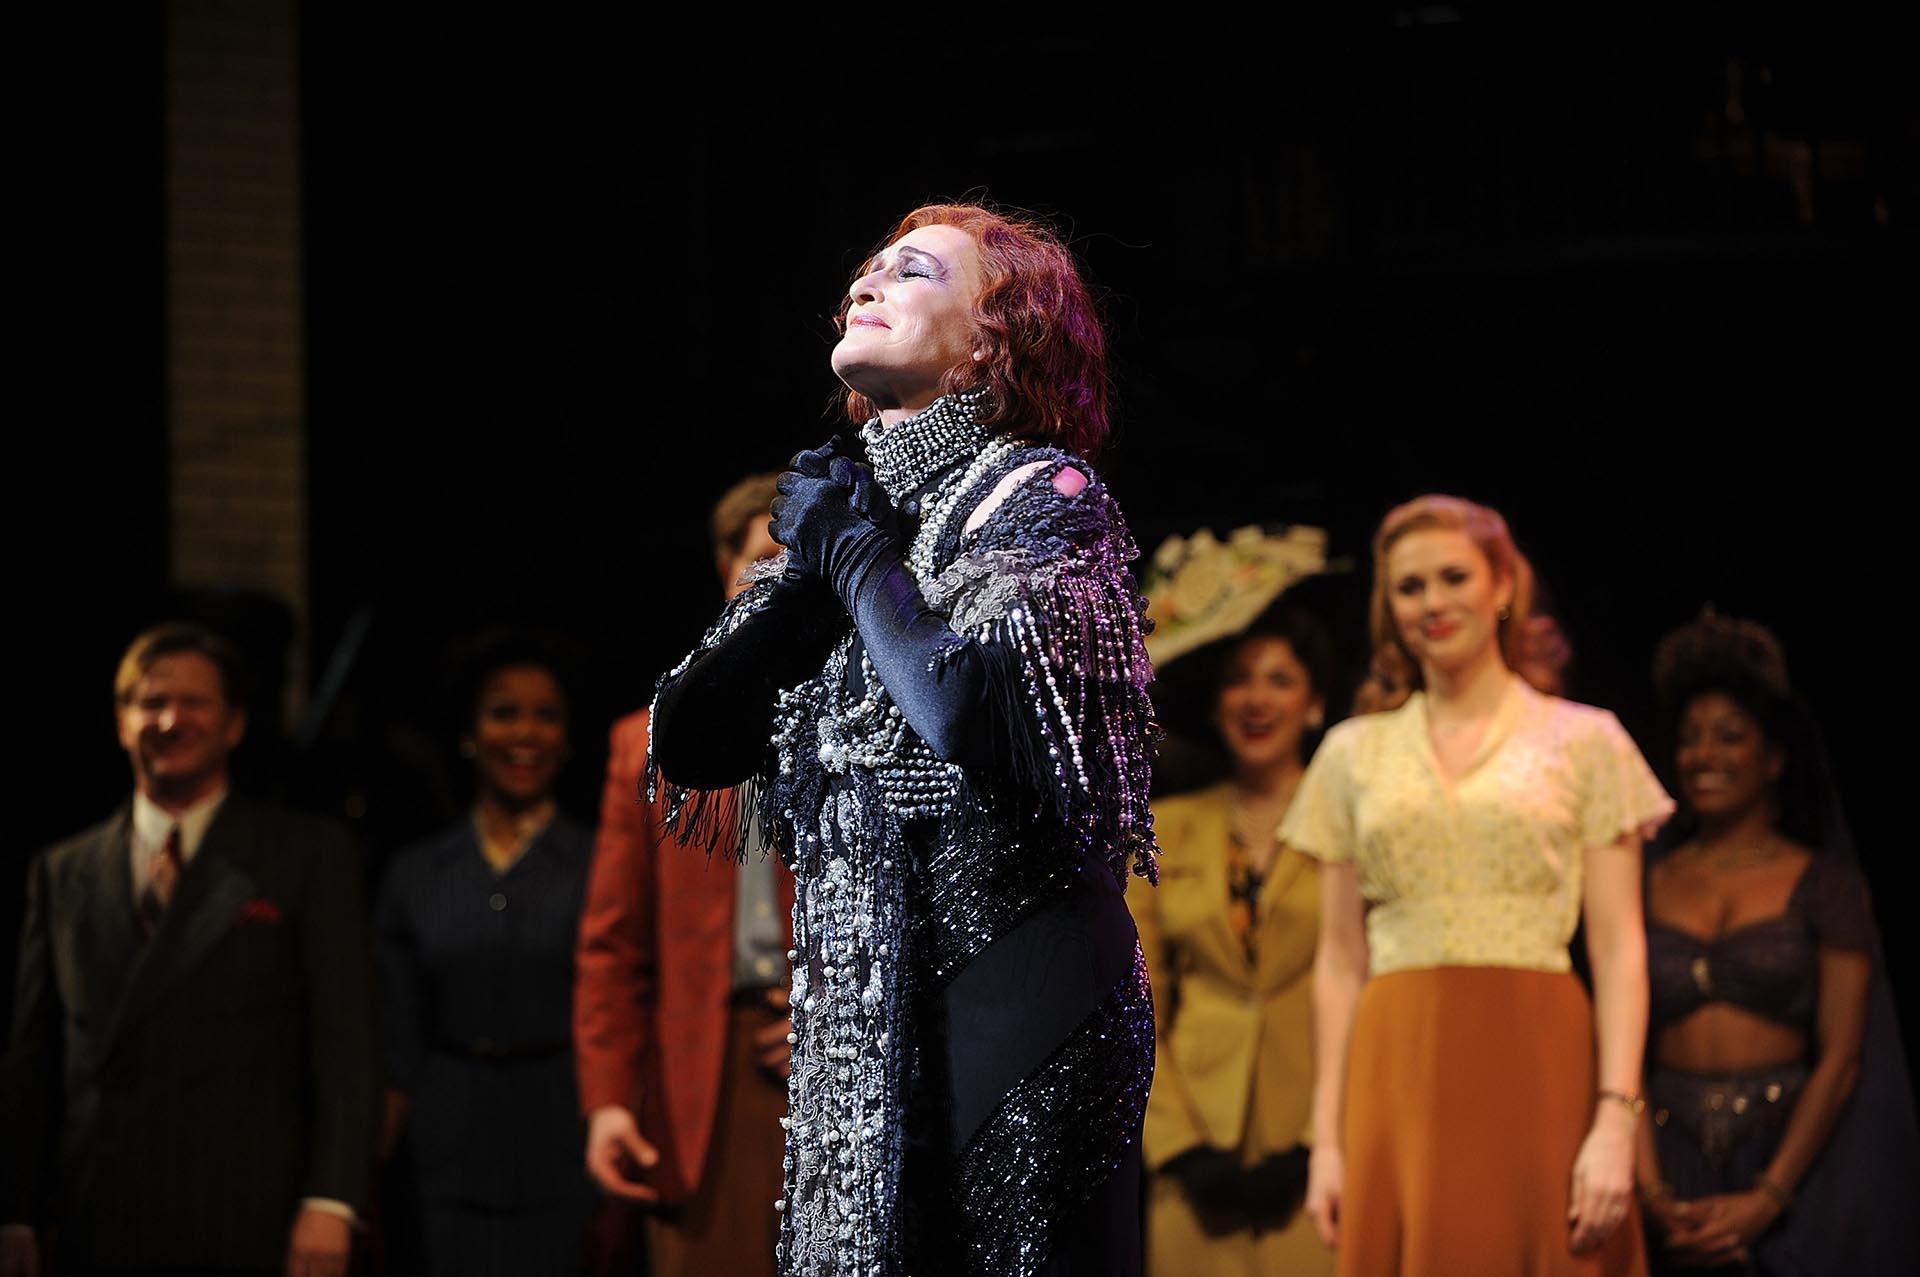 La profunda emoción de Glenn Close ante un público que la ovacionó de pie